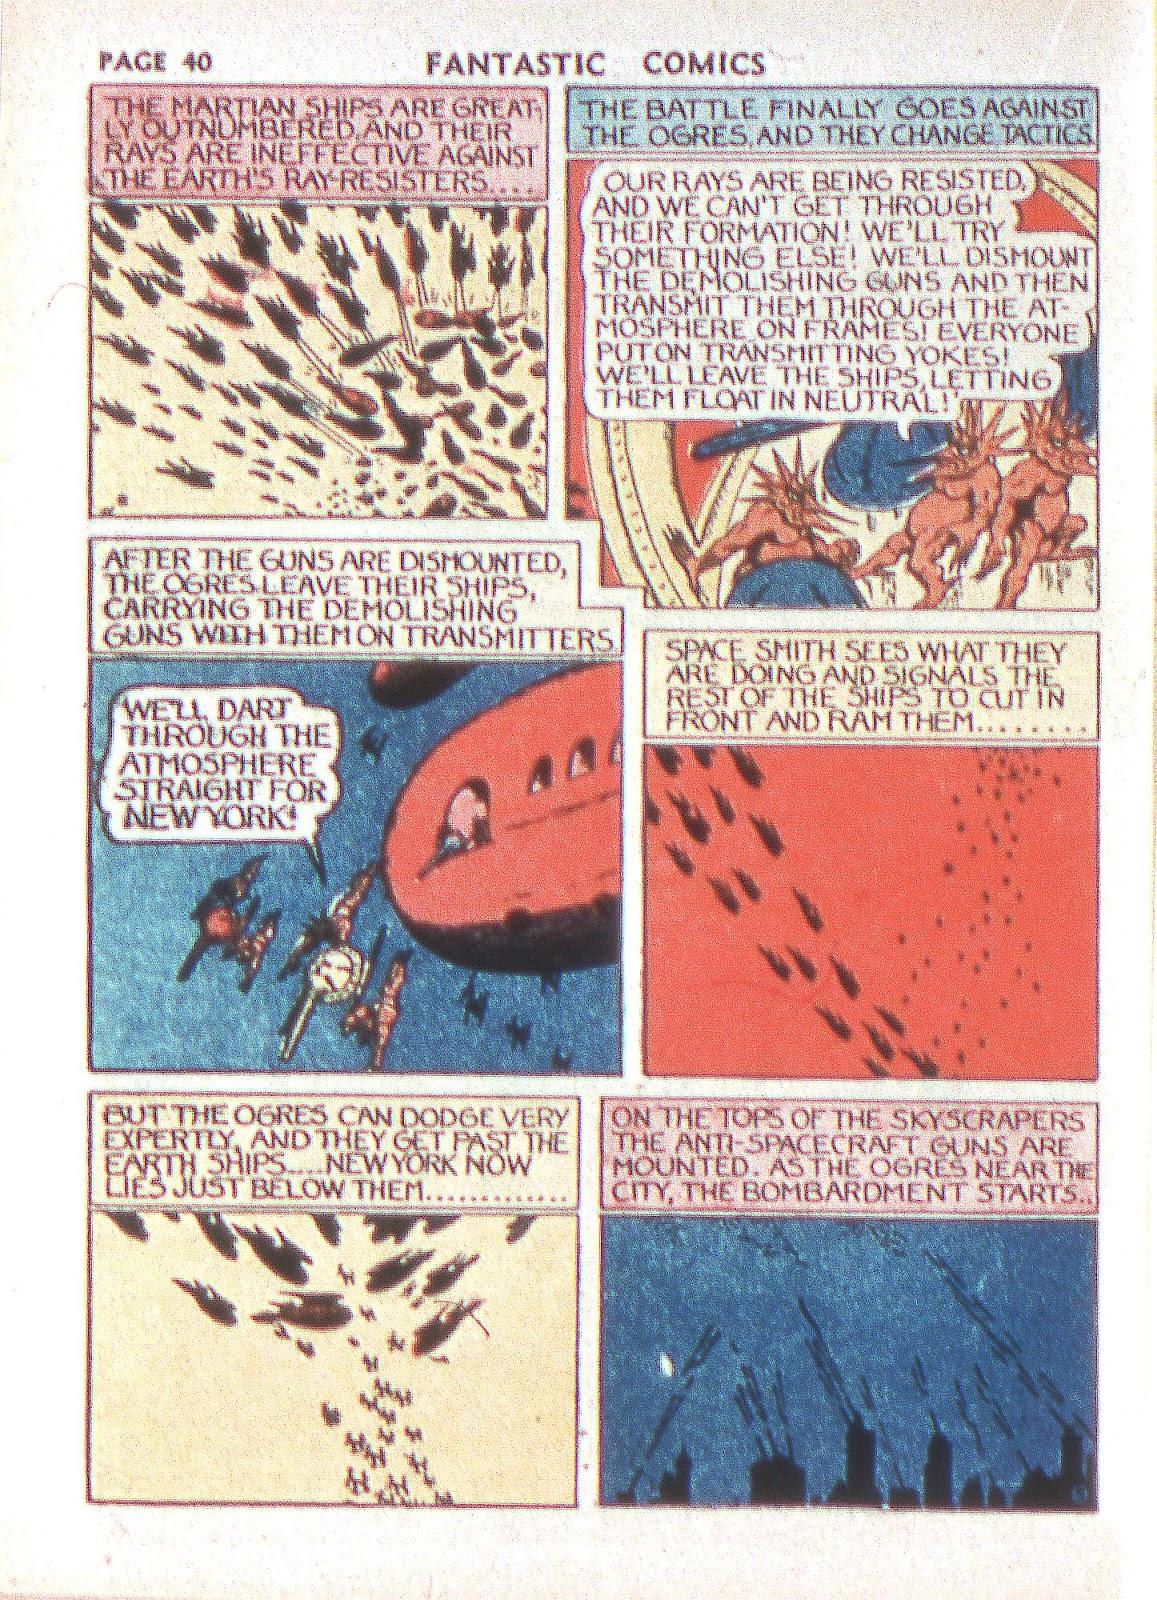 Read online Fantastic Comics comic -  Issue #2 - 41